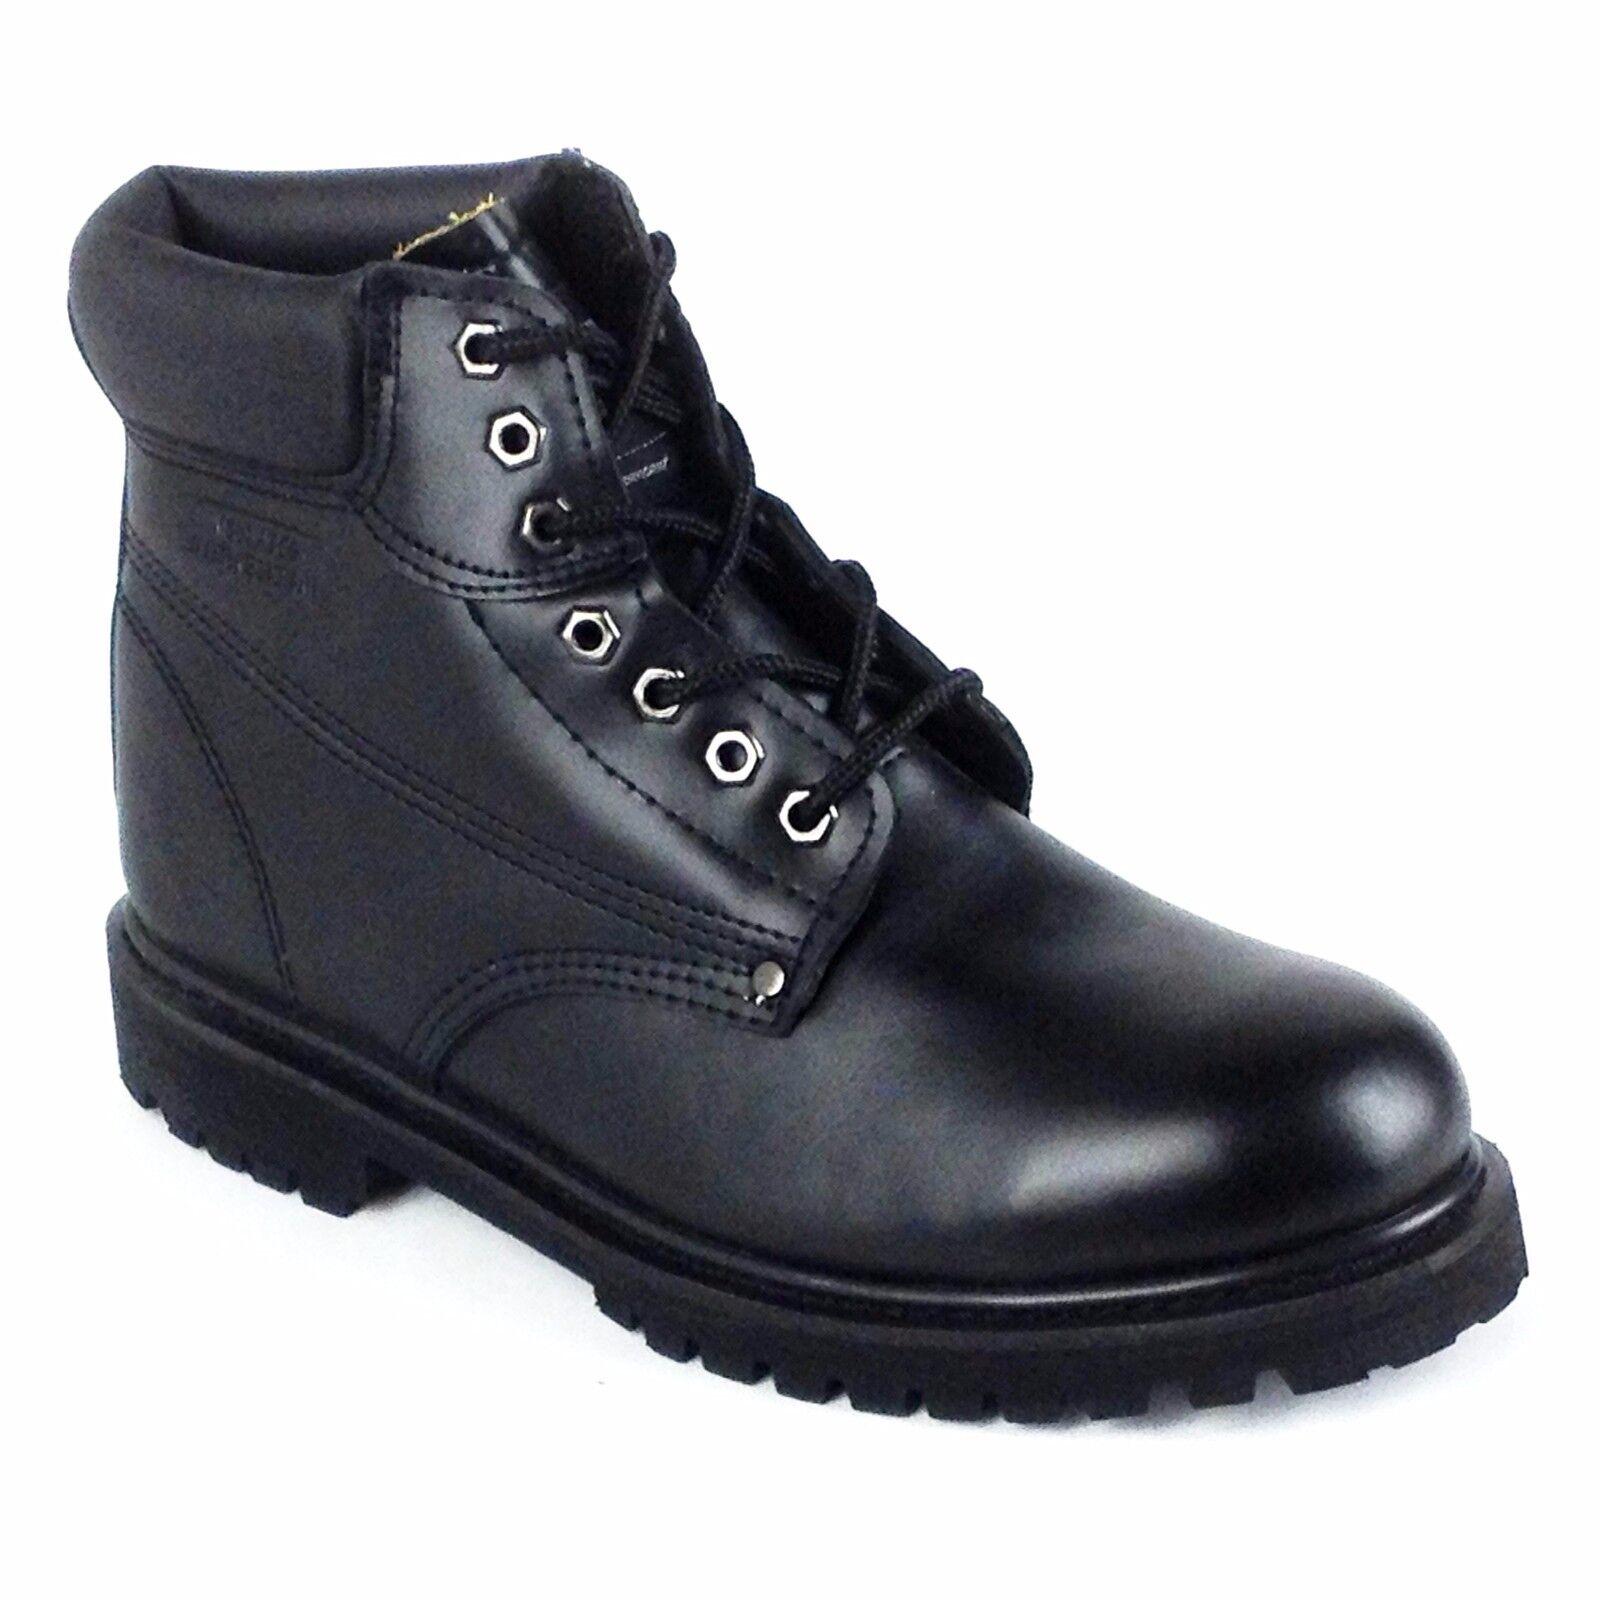 Five Star Clima nero Men's Steel Toe Work  avvio Style 62B -ST, Dimensione 8.5,9,10.  vanno a ruba